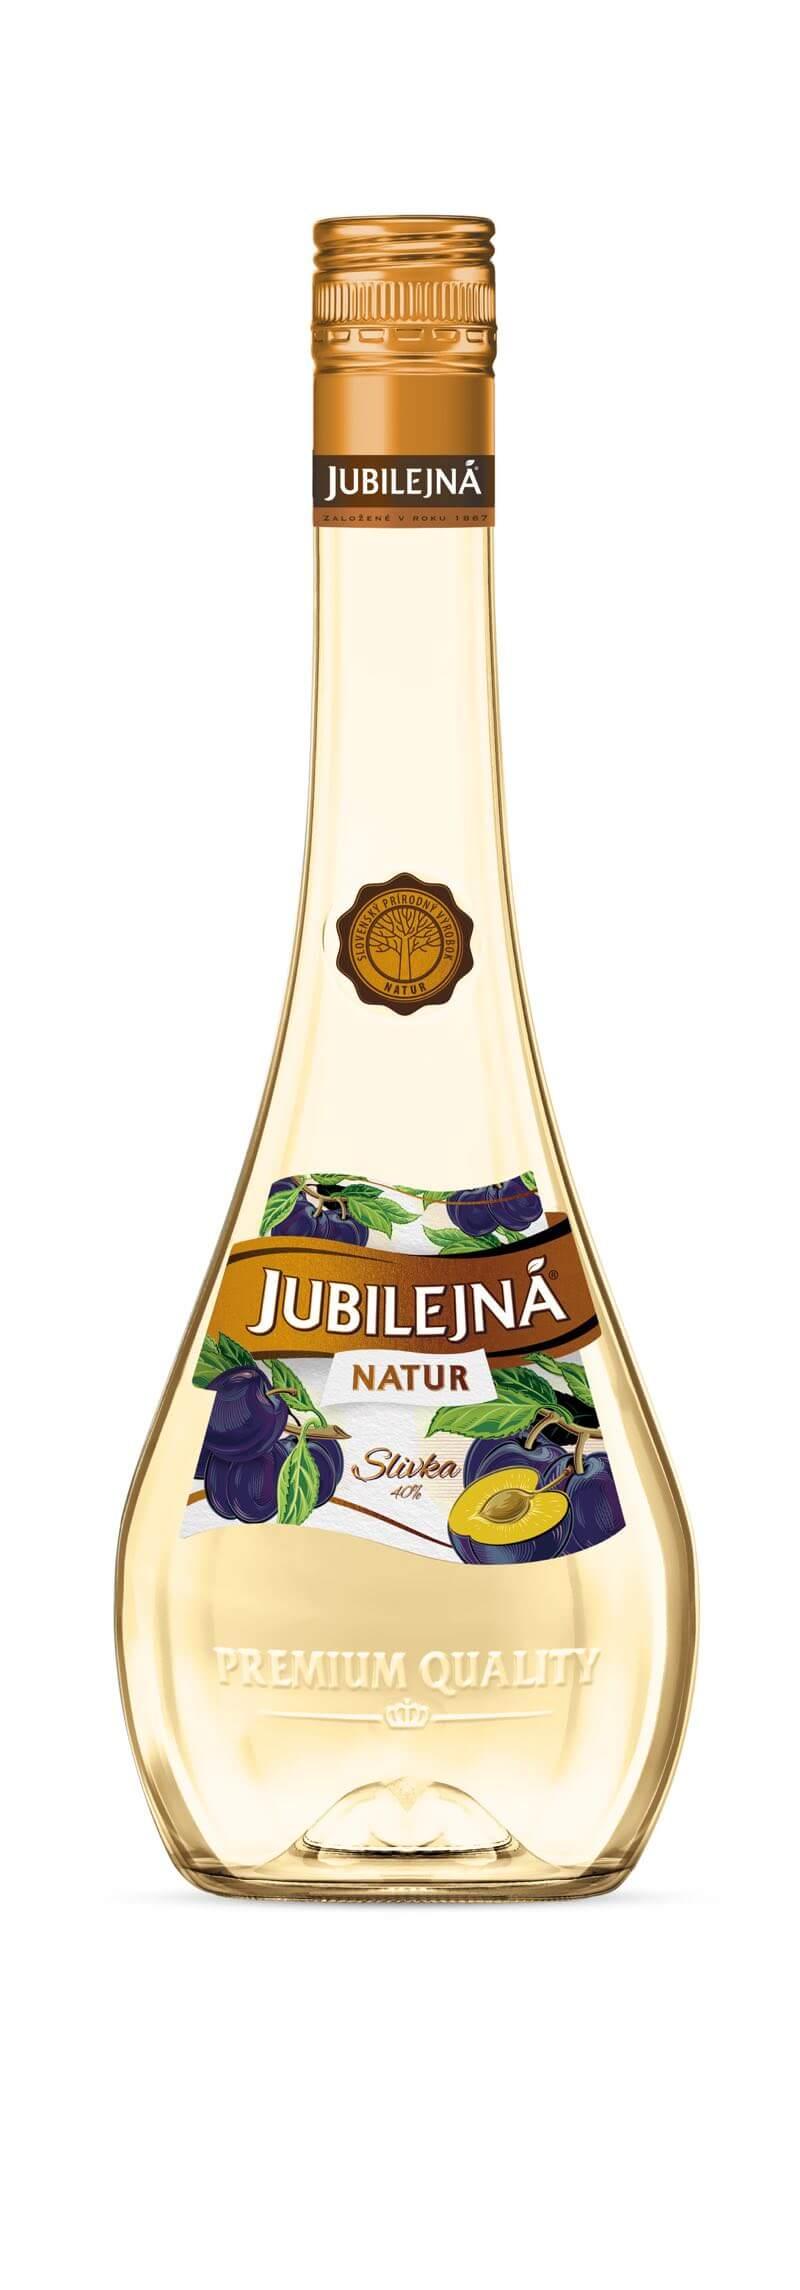 Jubilejná Natur Slivka 40% 0,7l